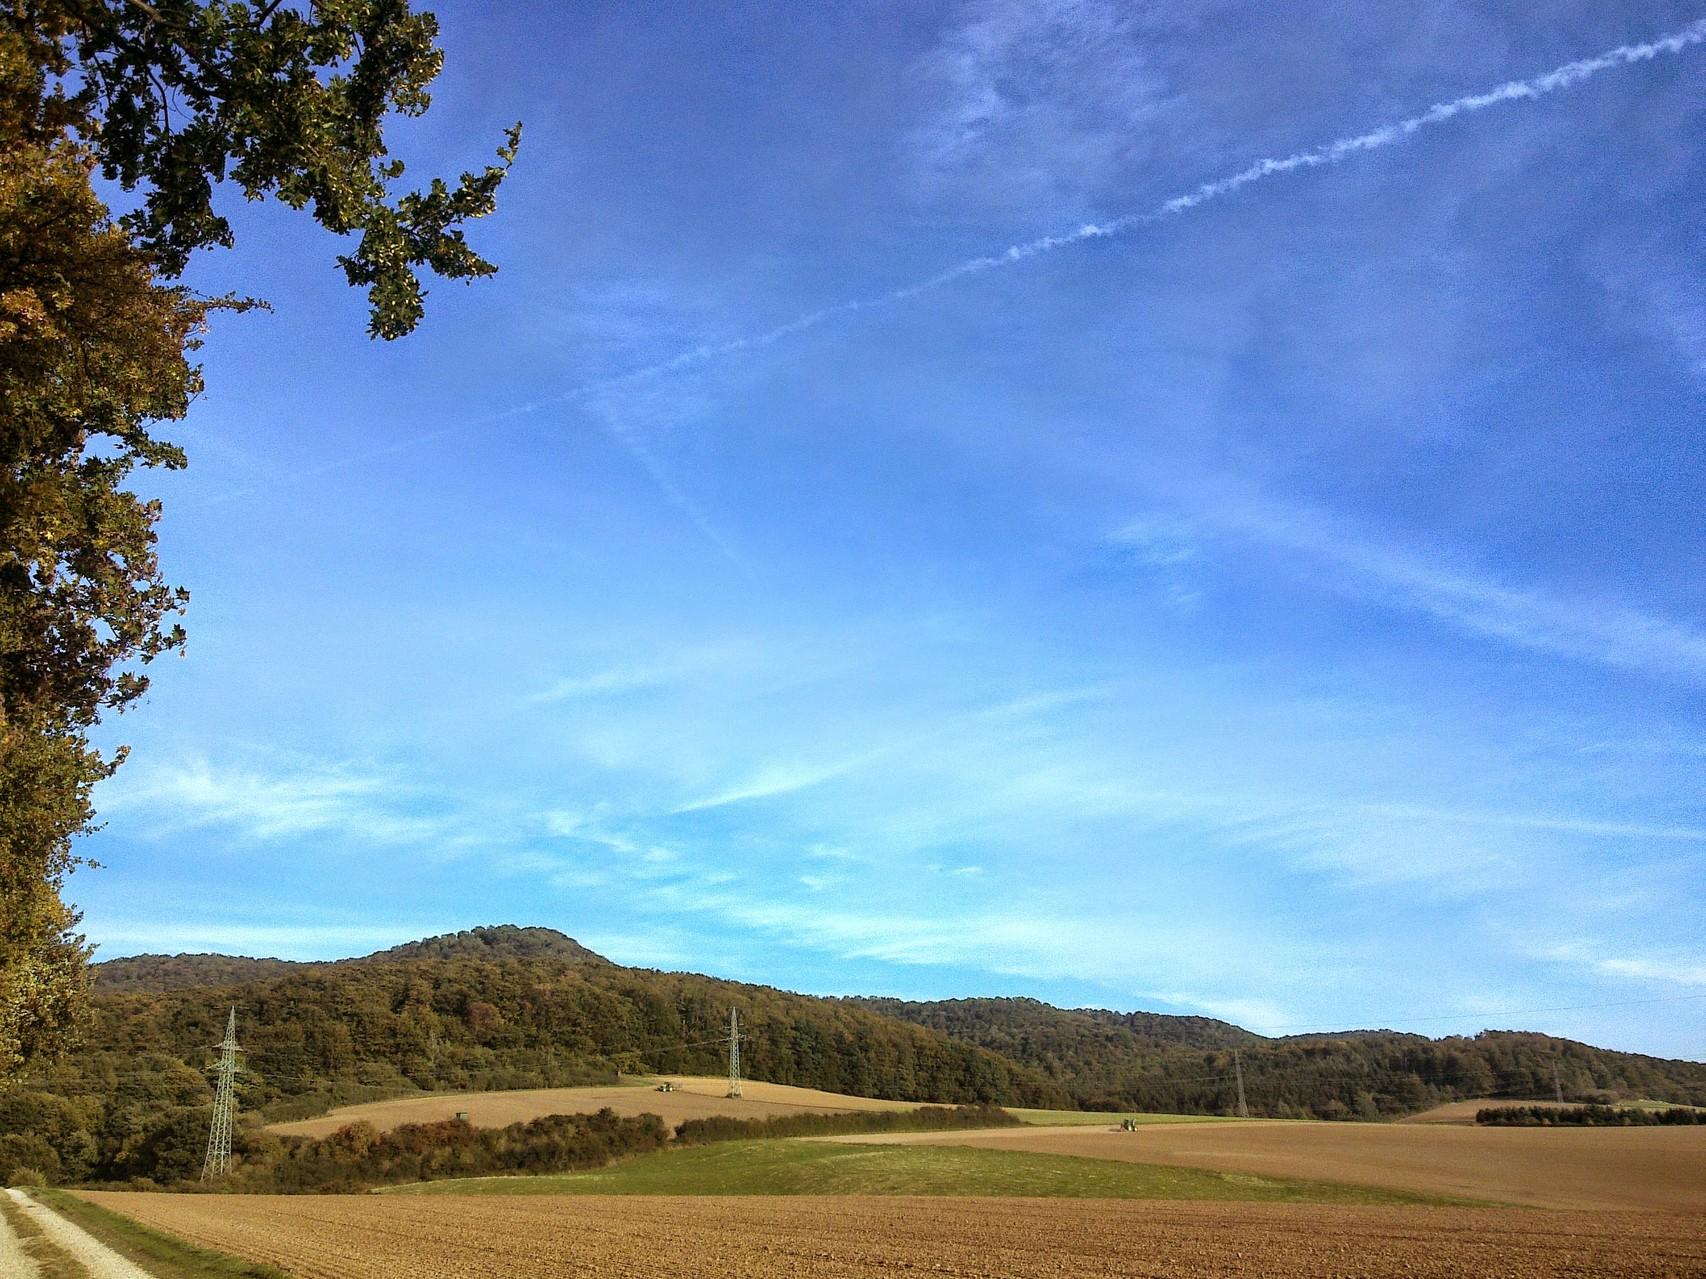 ~ Bild: Spaziergang bei Brüggen (Leine), Blick auf die Sieben Berge  ~